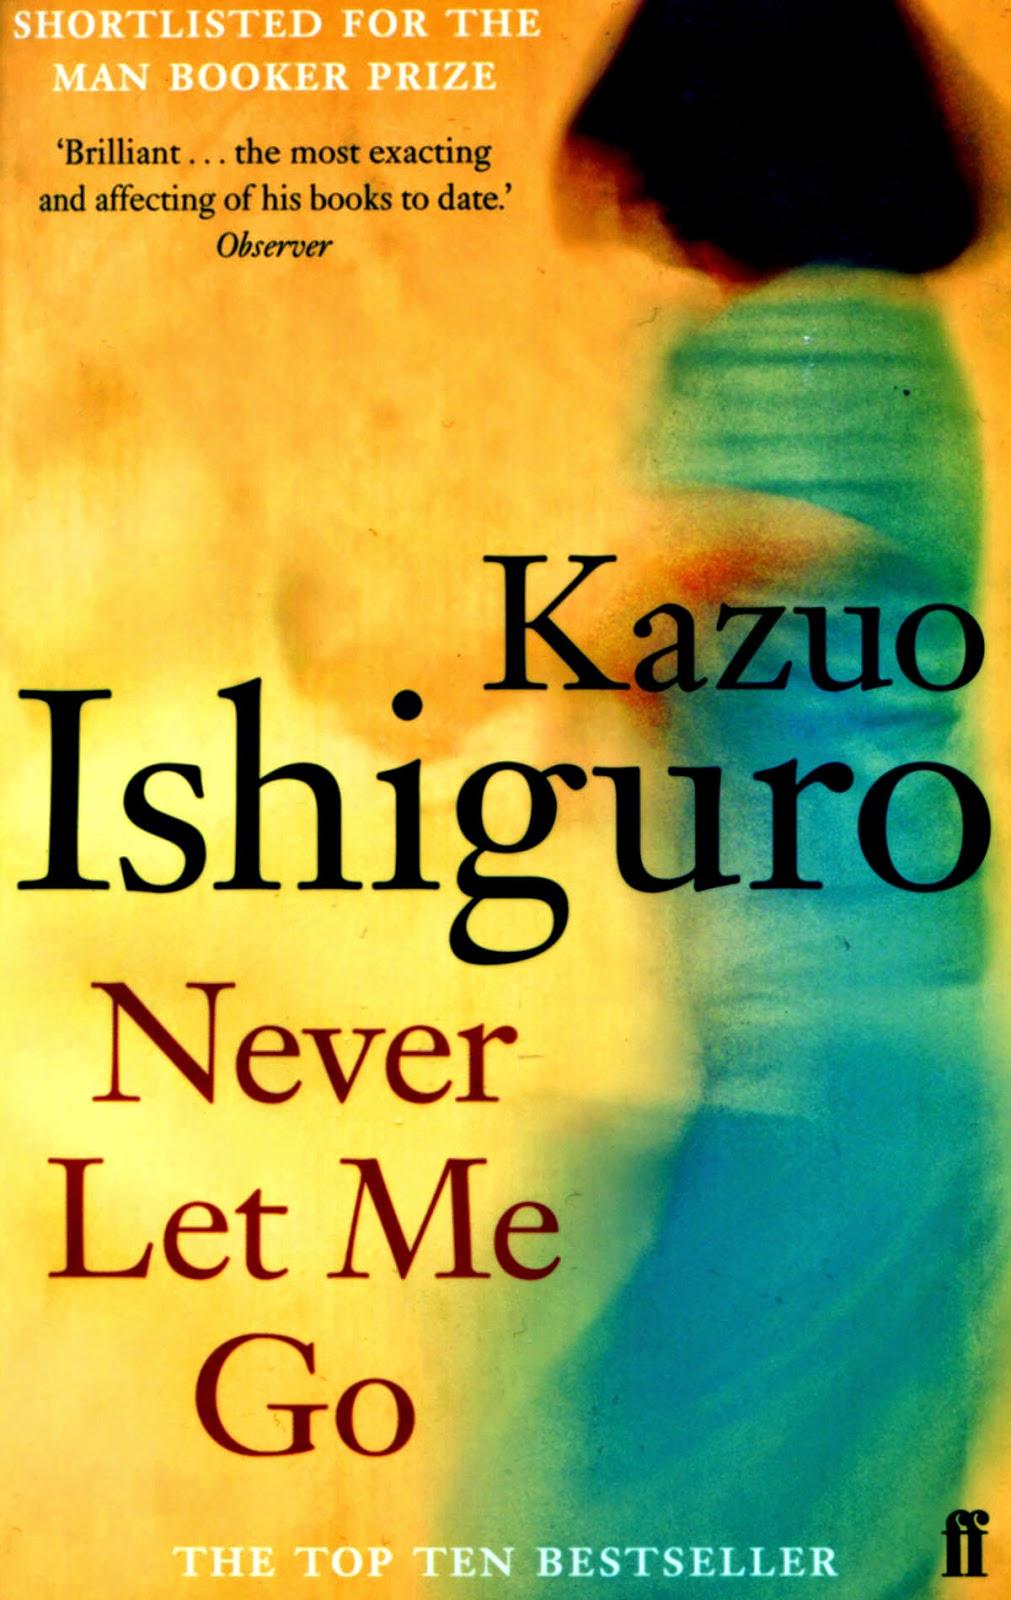 ishiguro-never-let-me-go.jpg